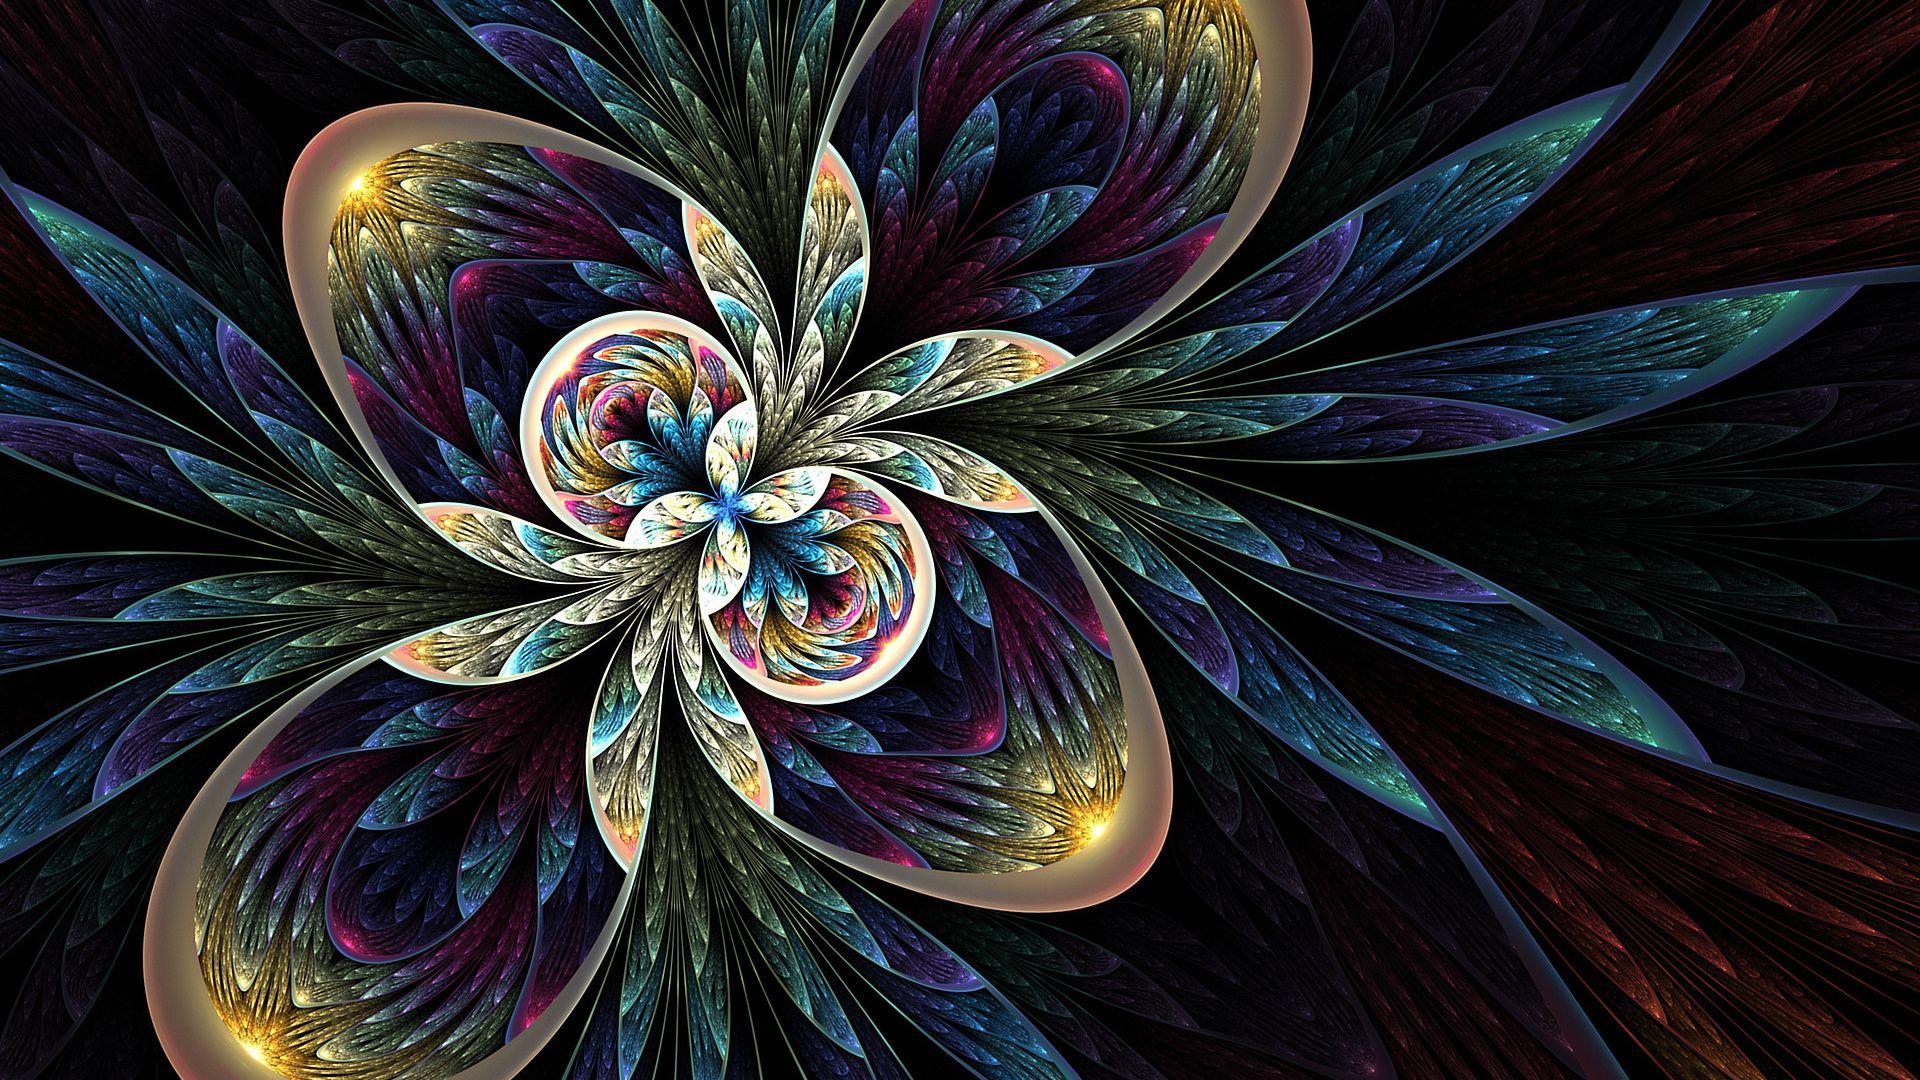 Fractal Flower free download wallpaper